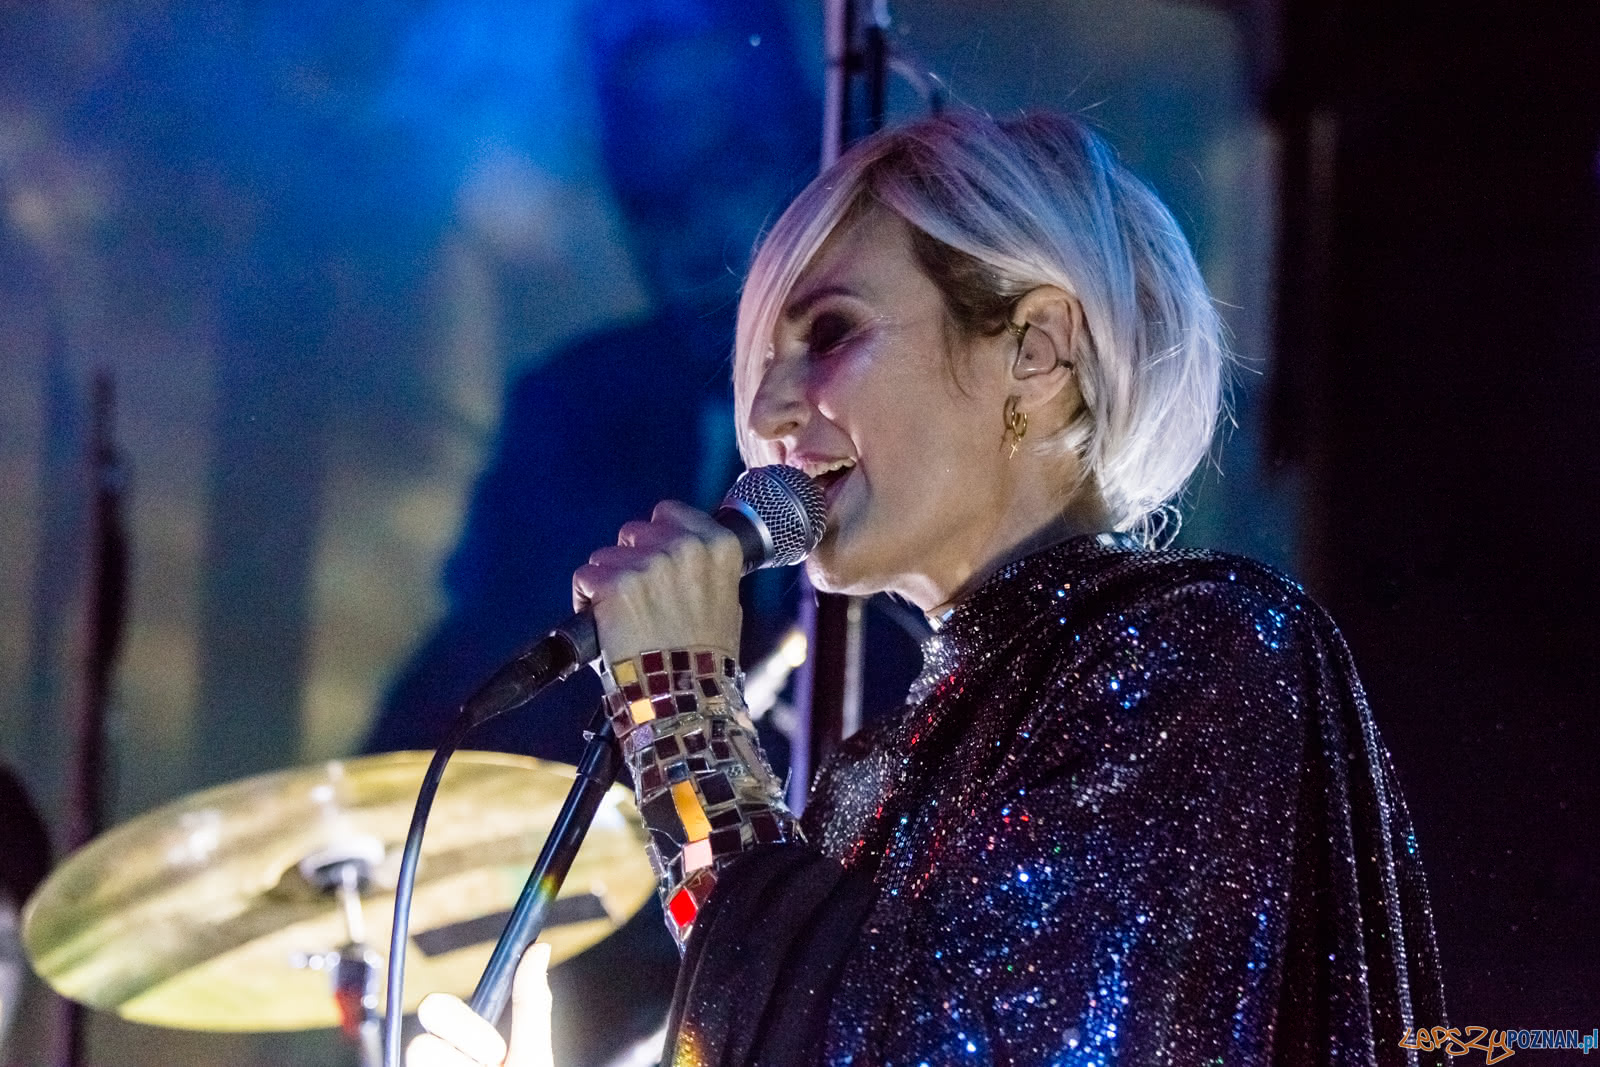 Reni Jusis w klubie Blue Note - Poznań 16.11.2018 r.  Foto: LepszyPOZNAN.pl / Paweł Rychter